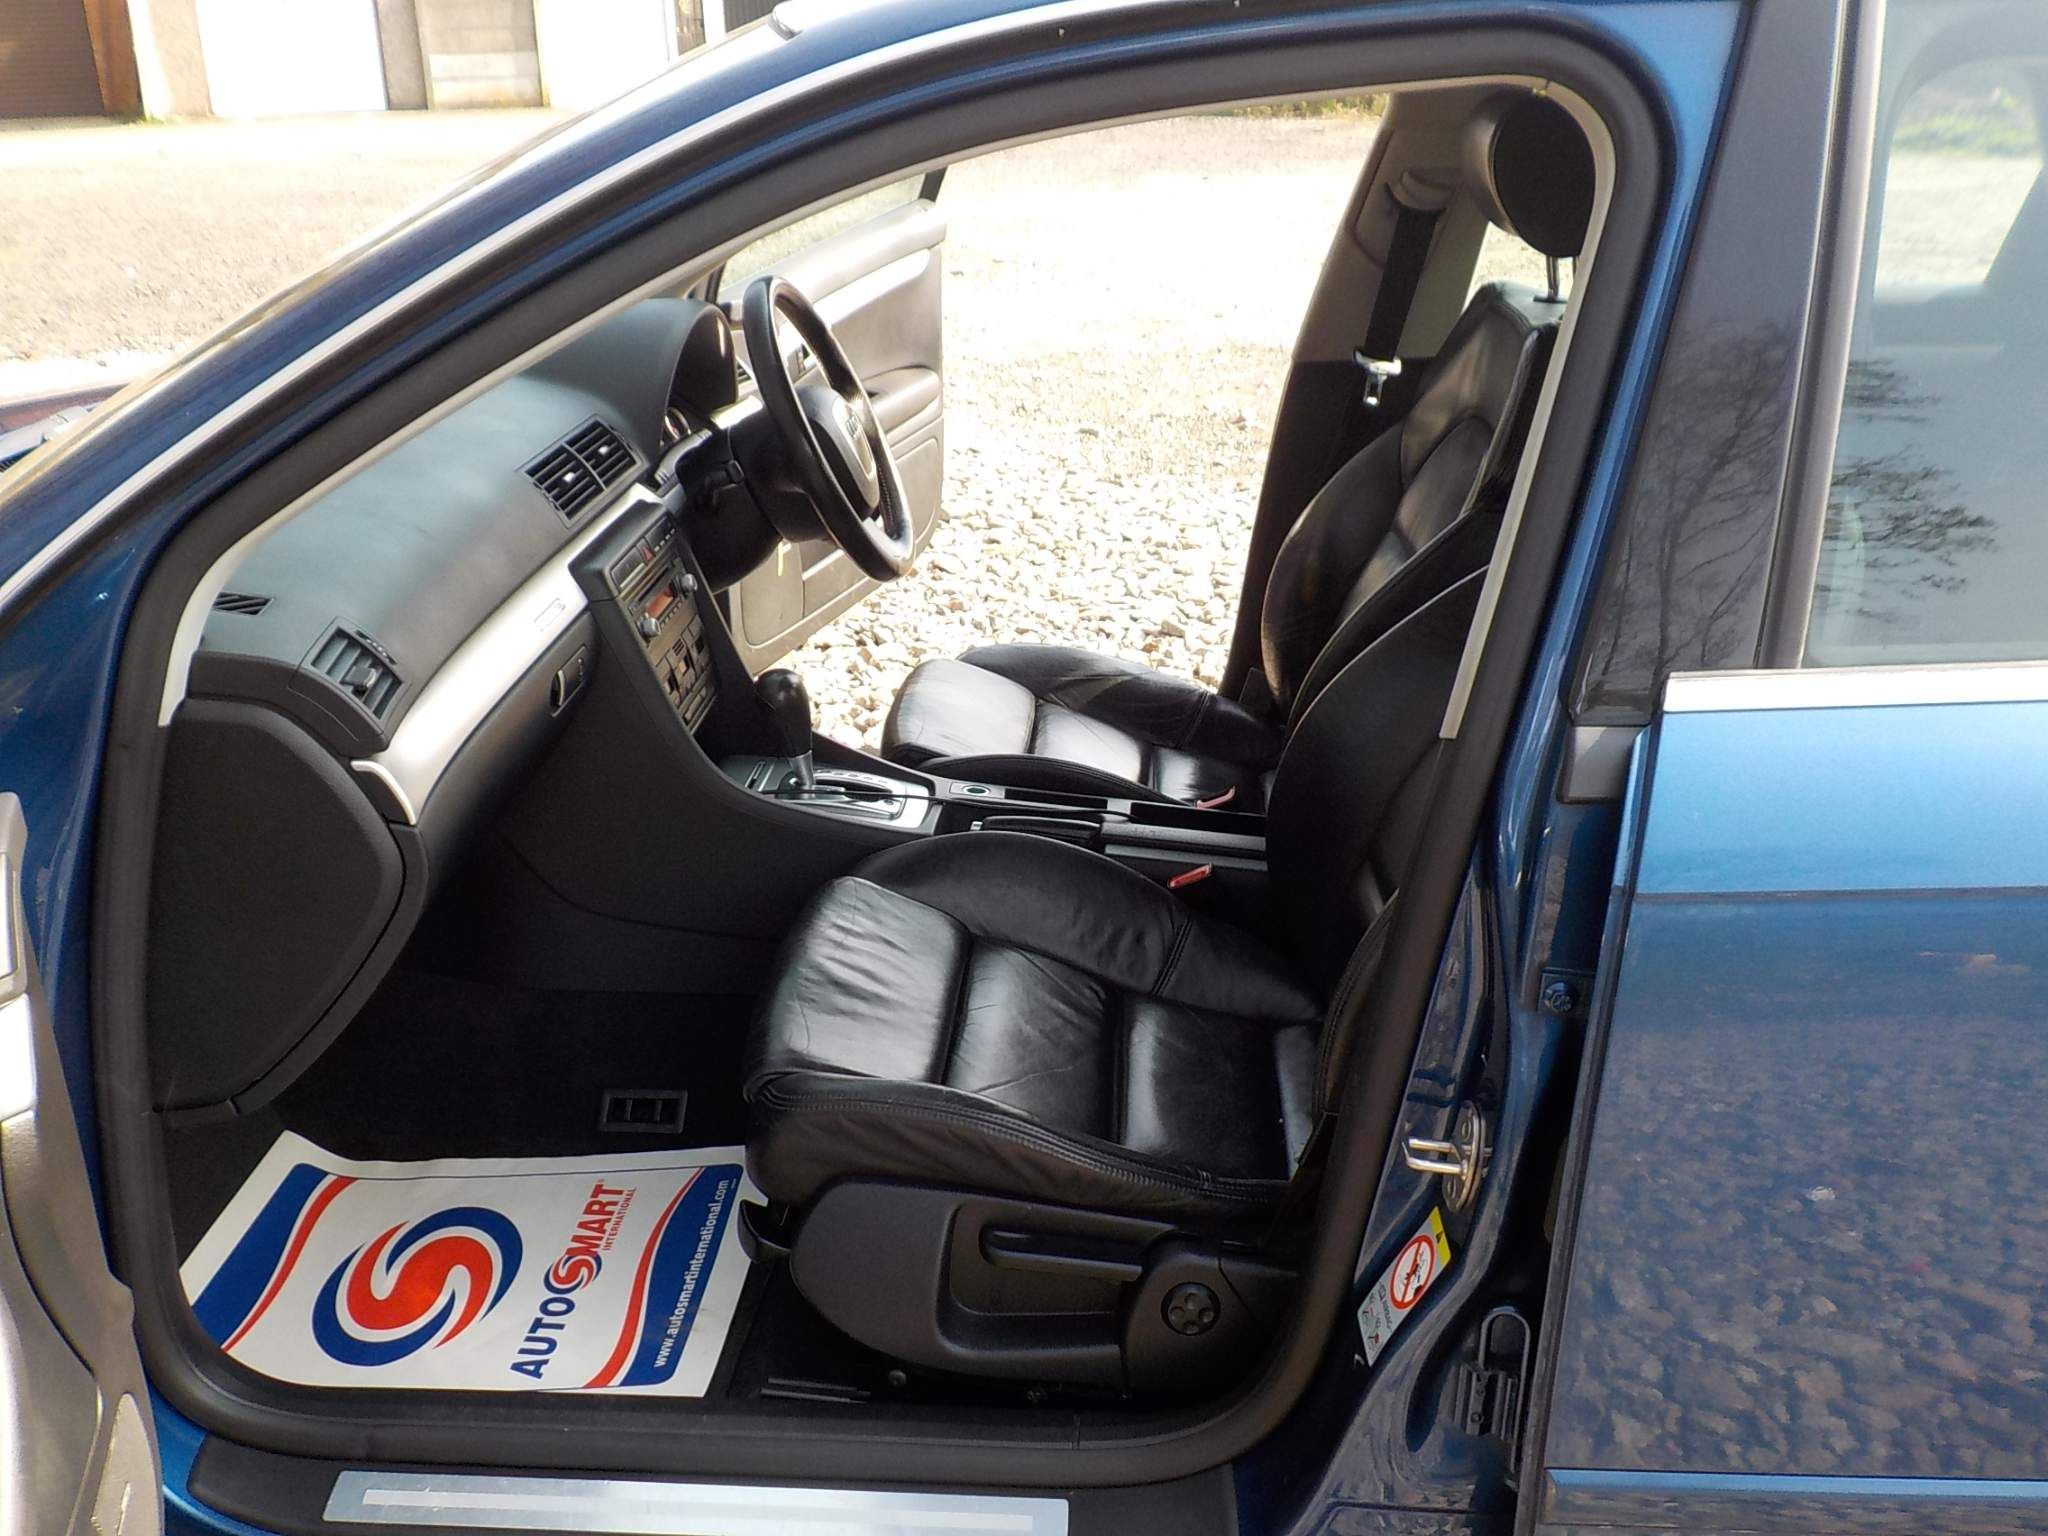 Audi A4 2.0 TFSI S line quattro 4dr